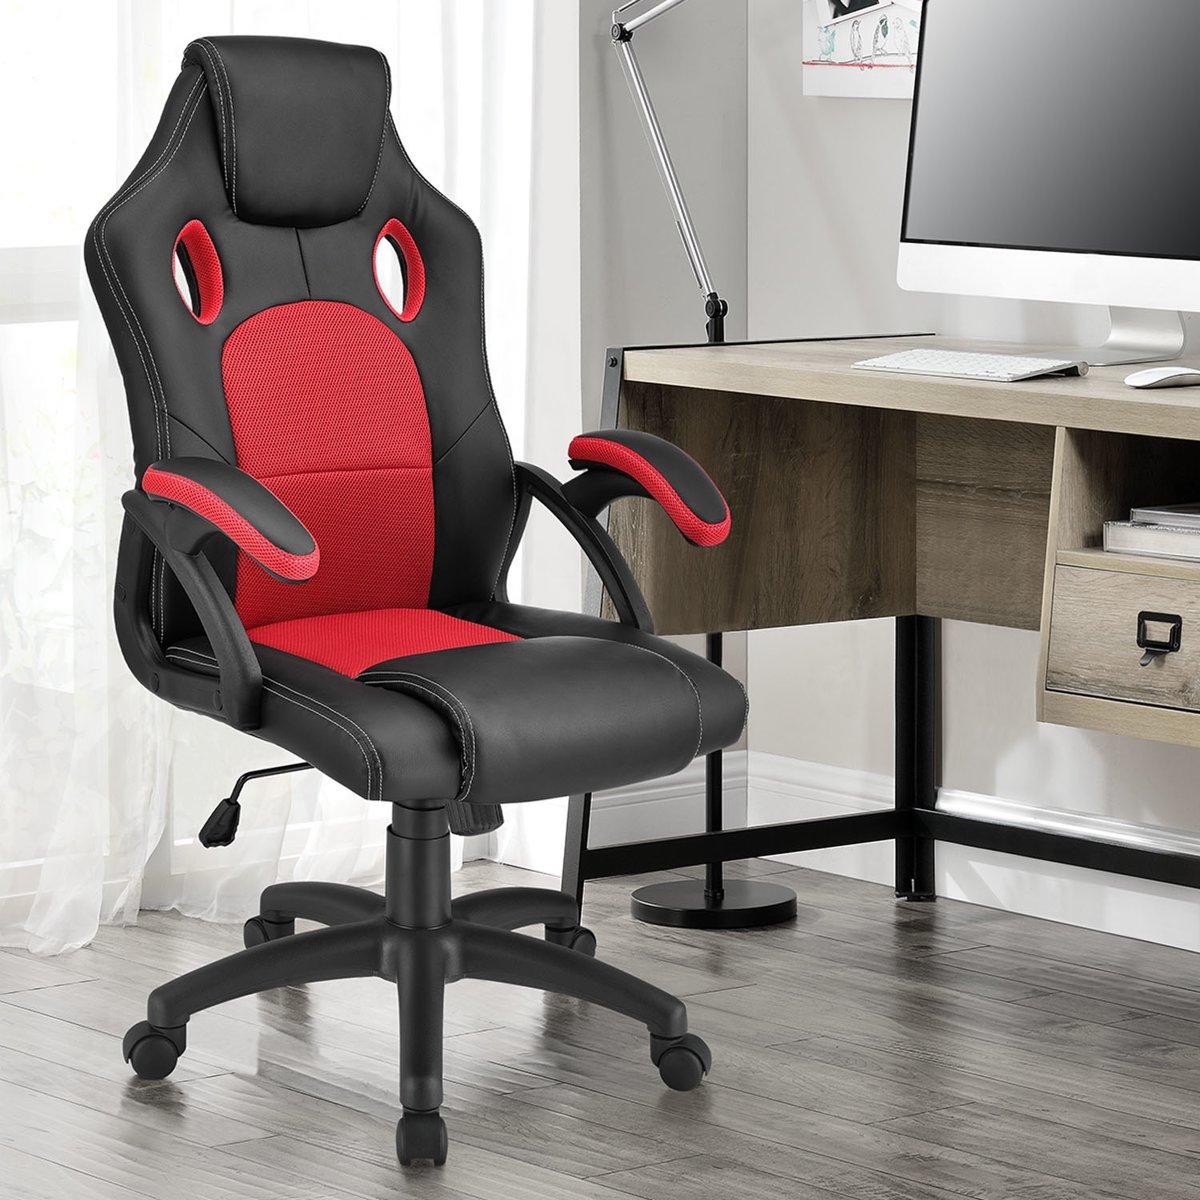 Bureaustoel / gamingstoel - Rood